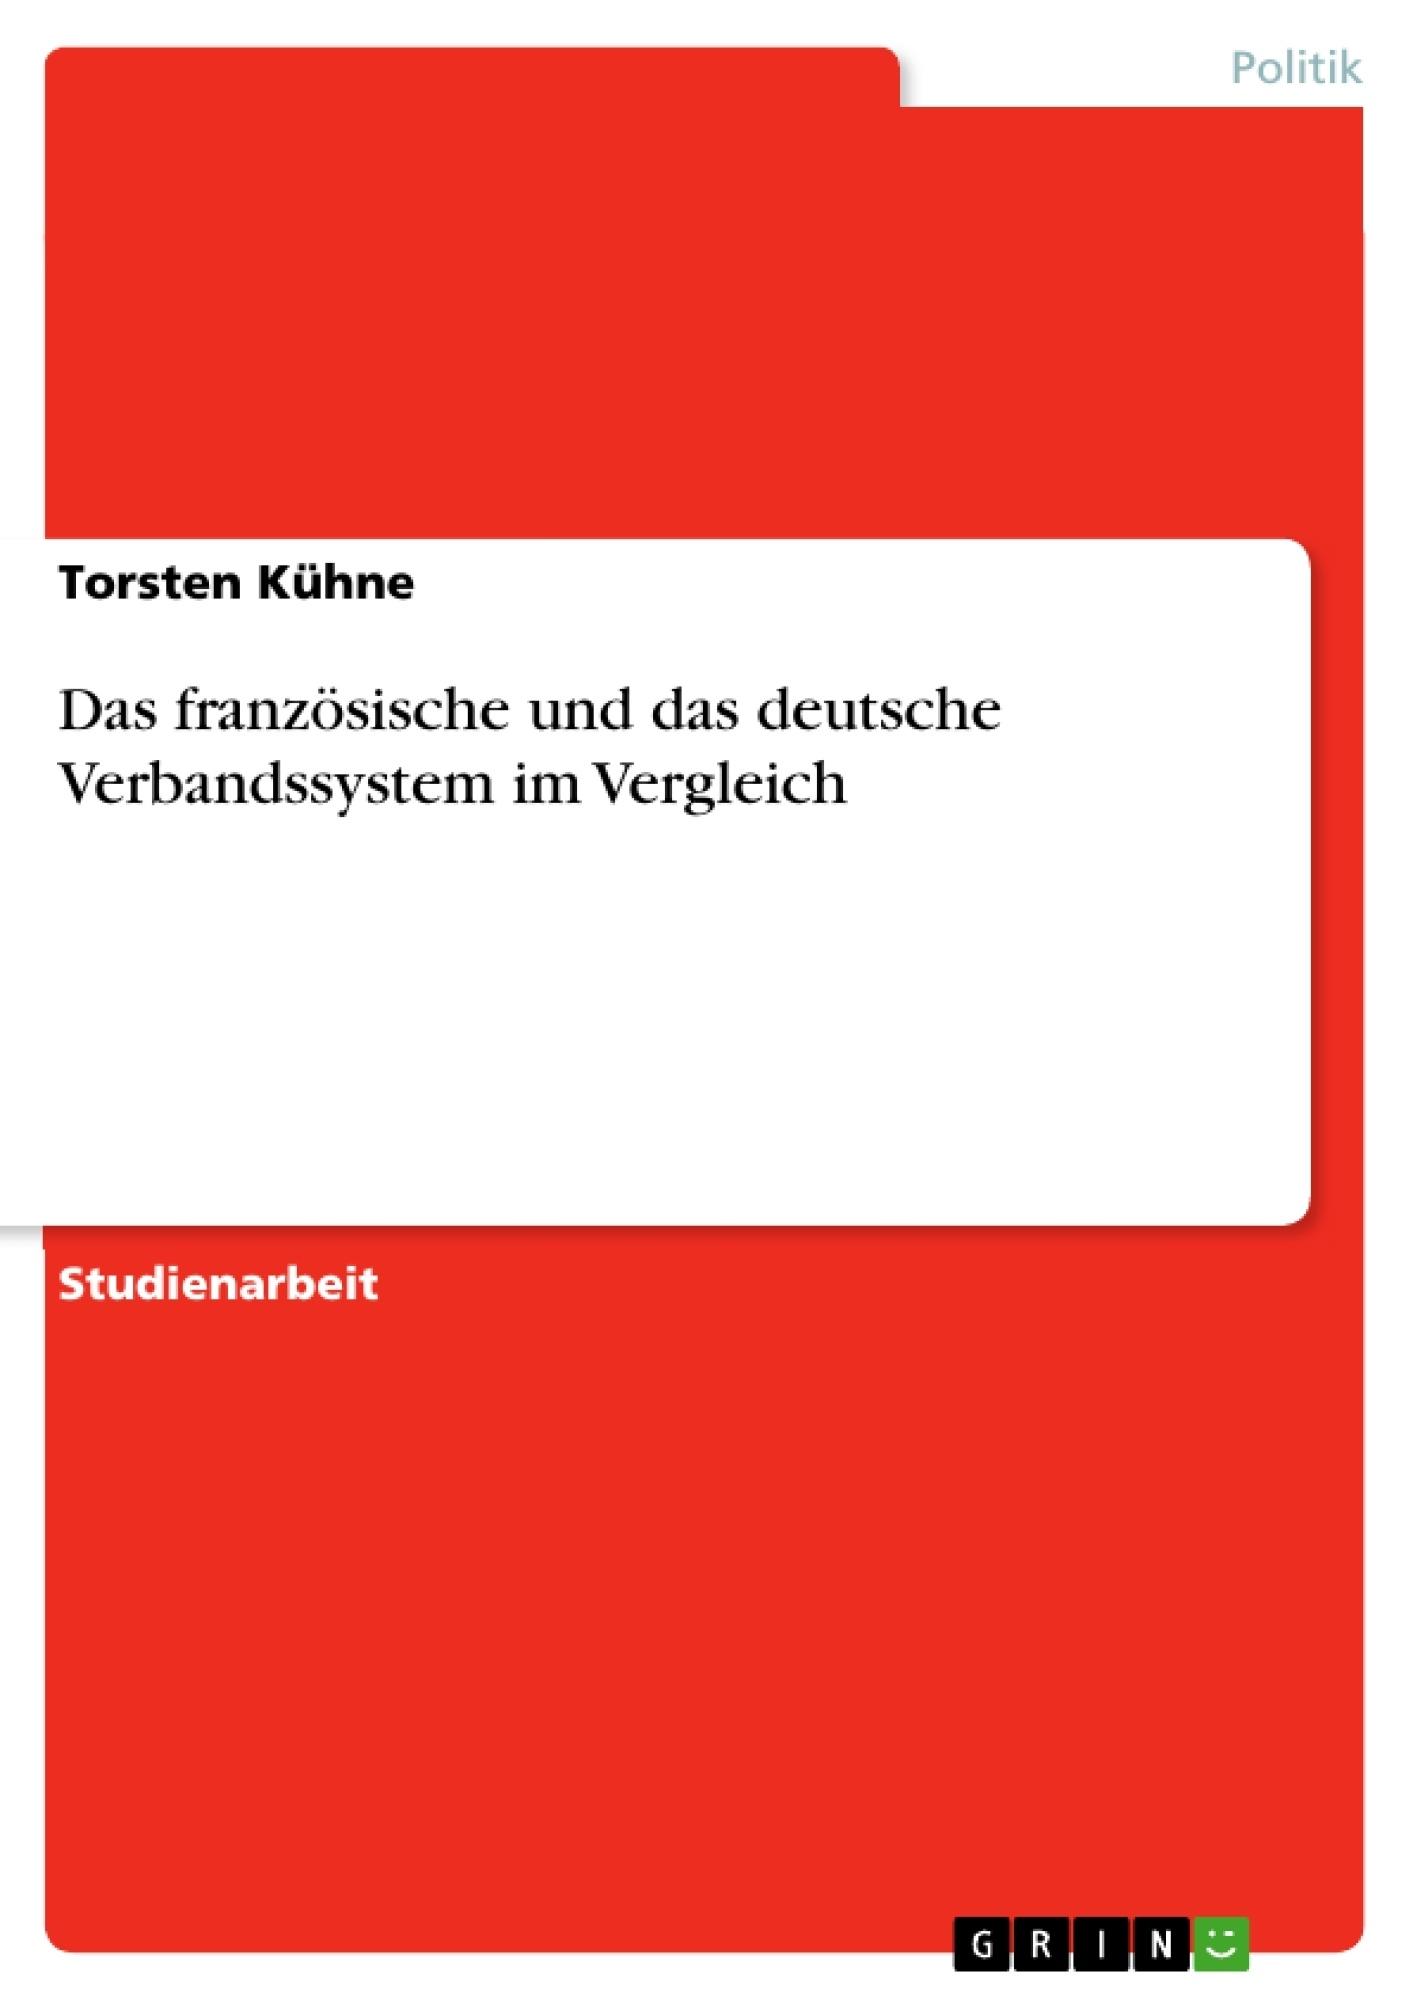 Titel: Das französische und das deutsche Verbandssystem im Vergleich